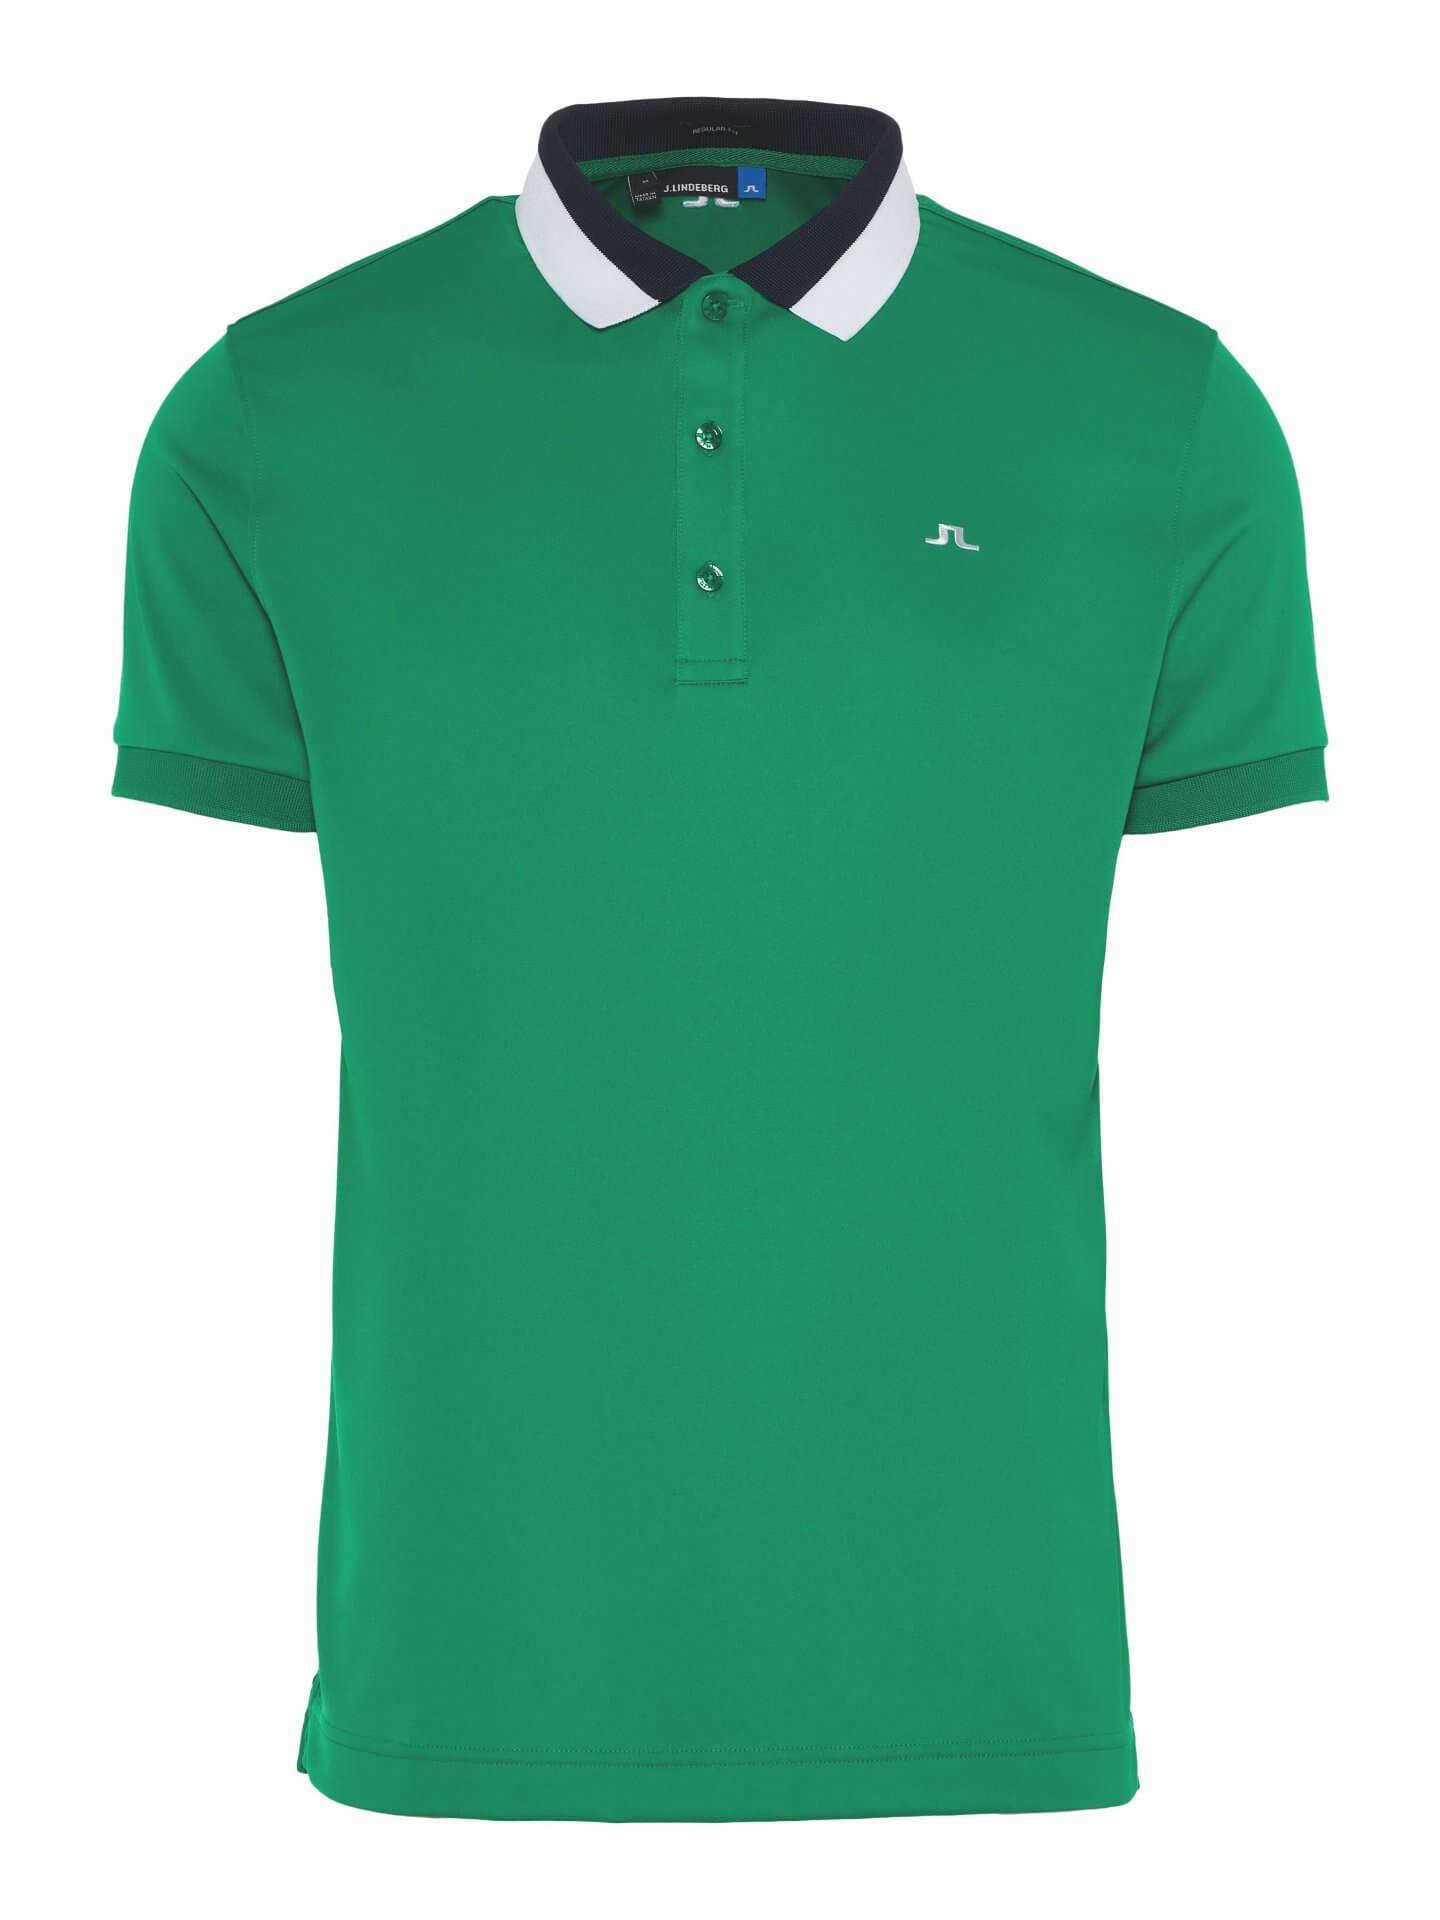 J.Lindeberg - MAT Regular TX Jersey in golf green